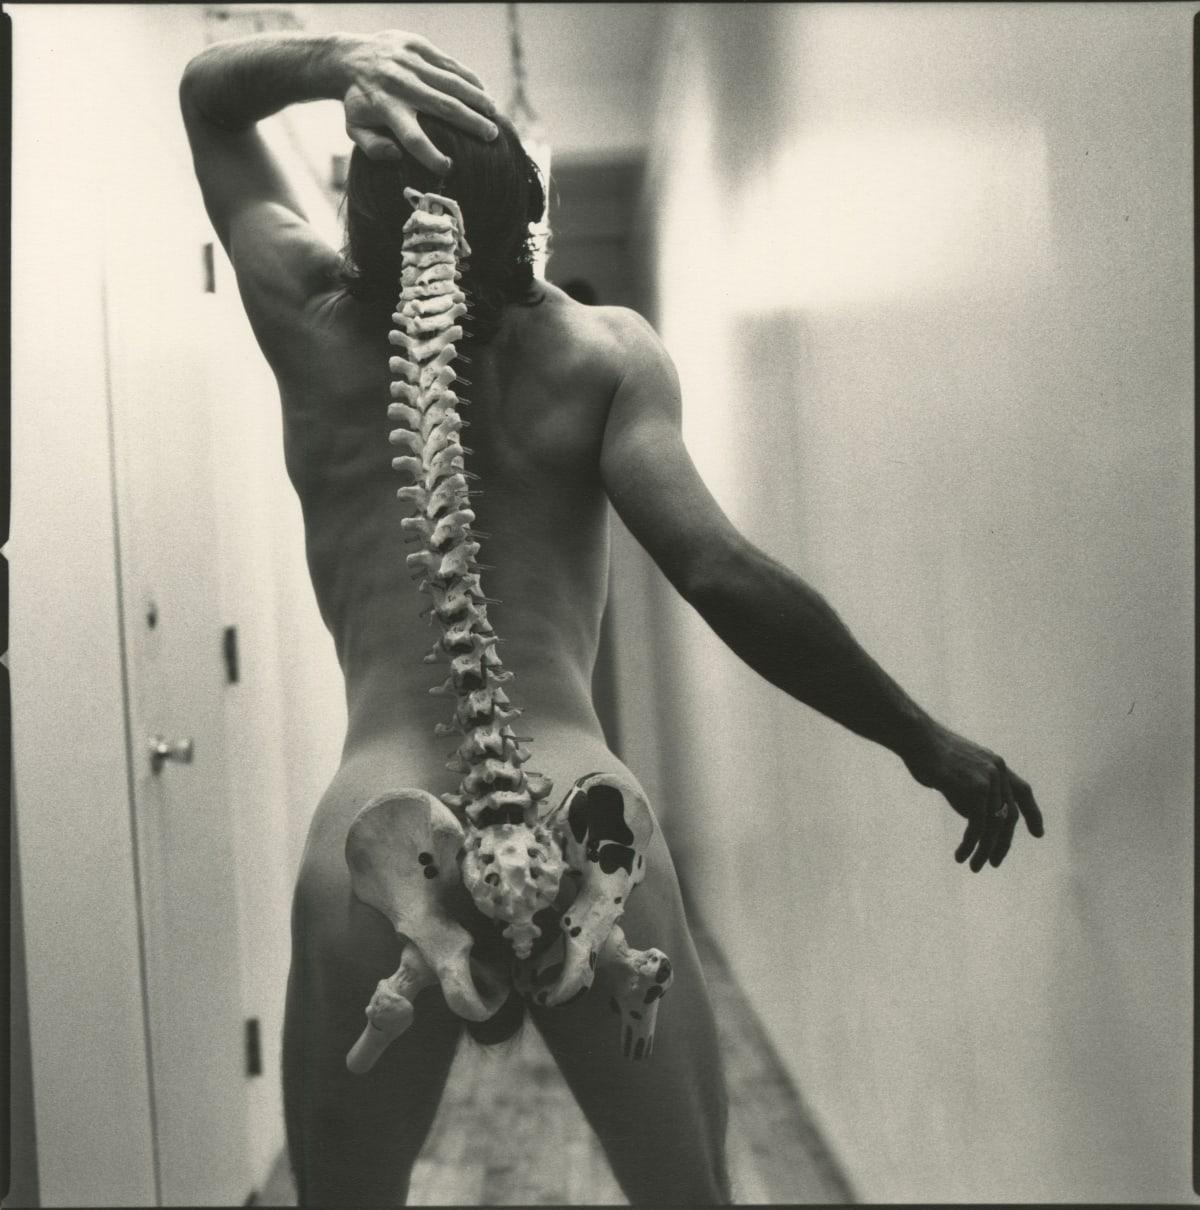 Arthur Tress, Spinal Tap, NY, 1996